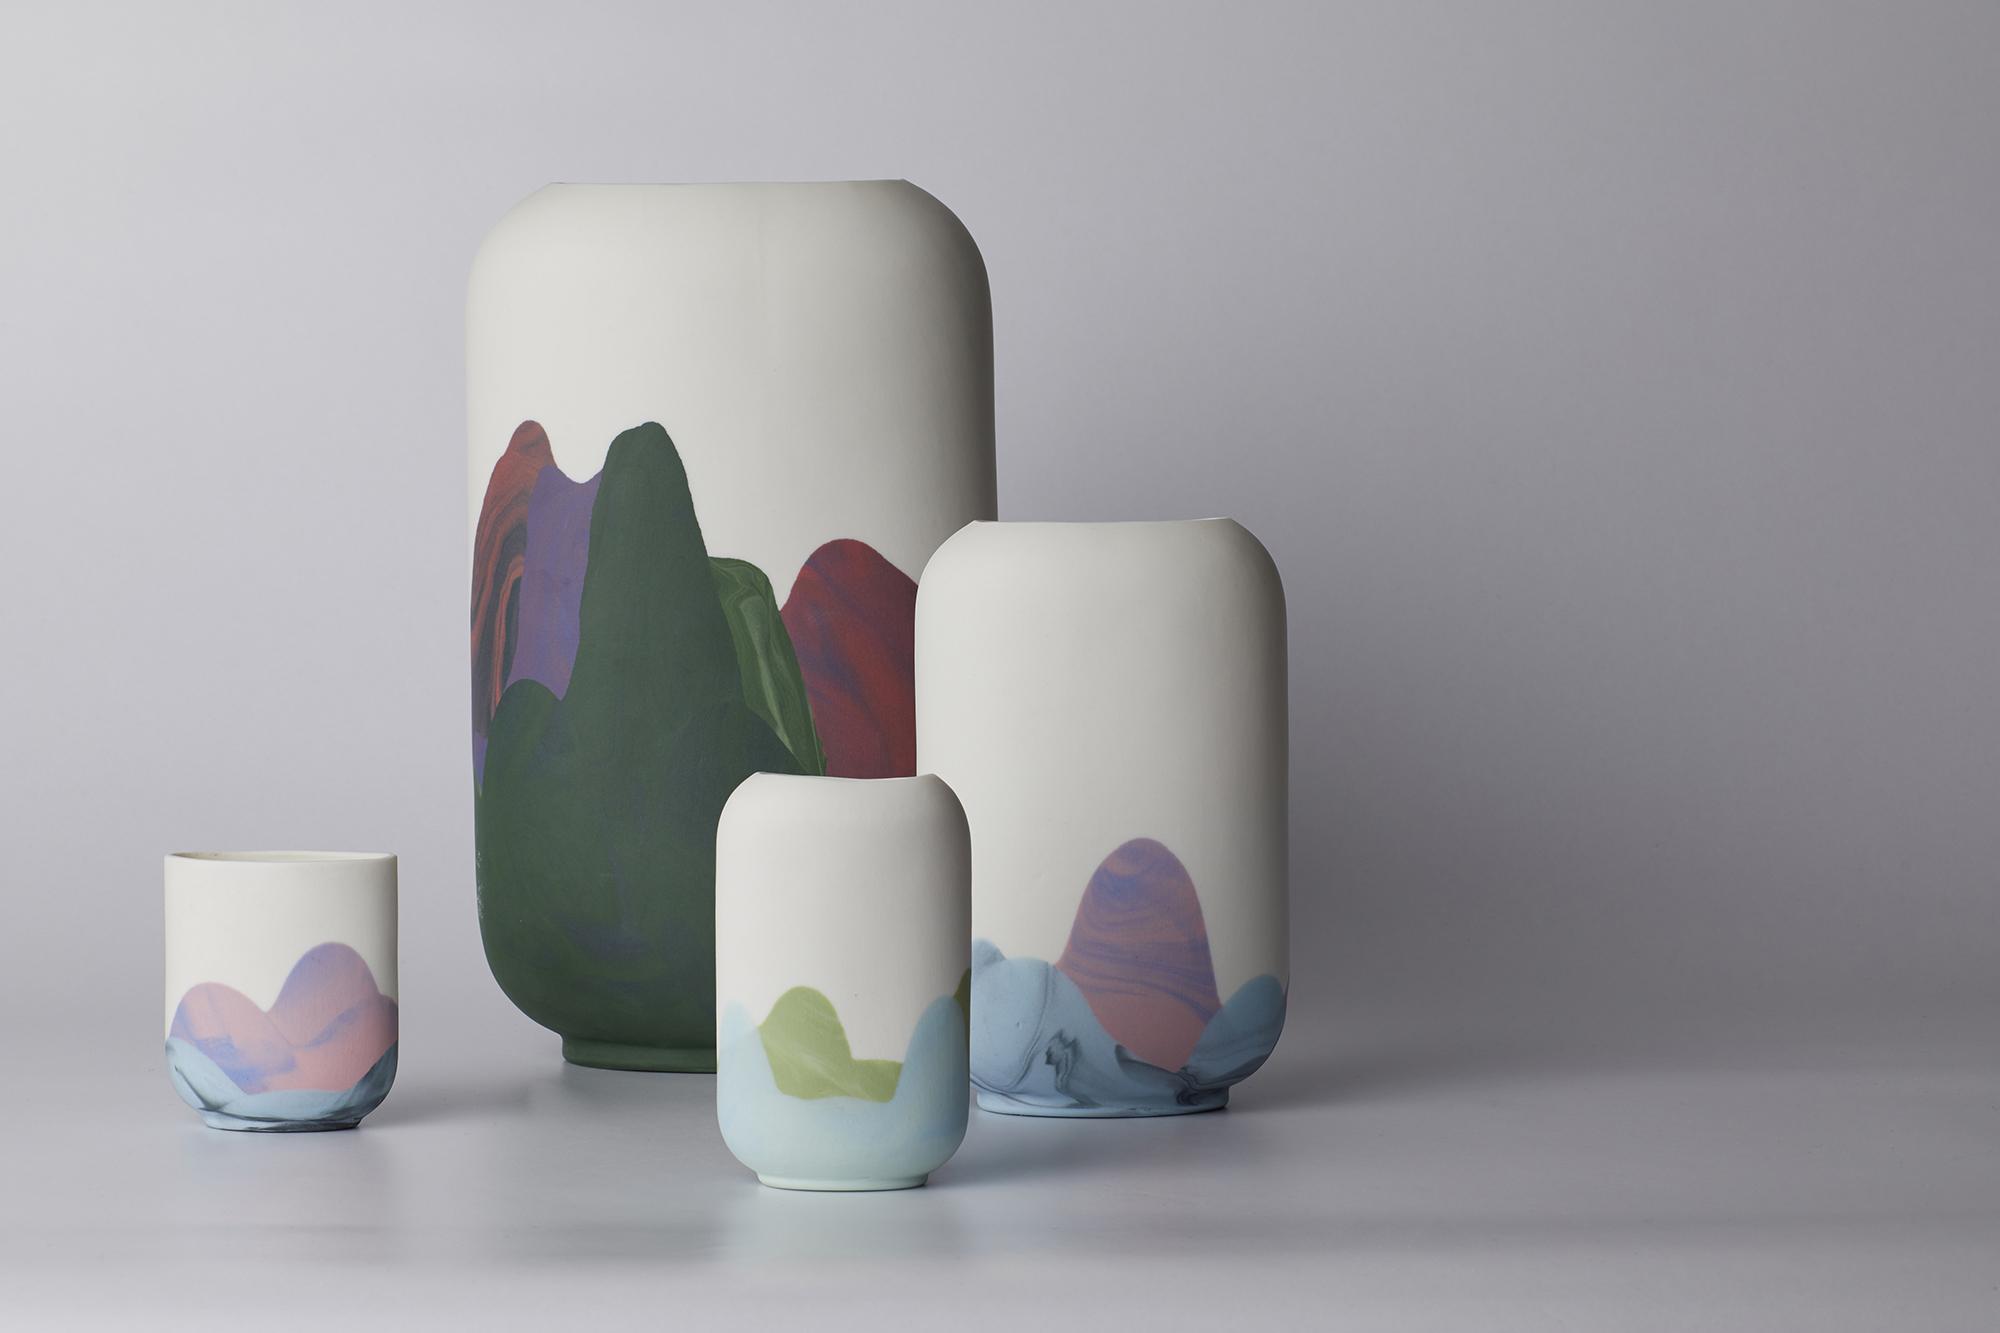 Mixed Hong Kong vases and cup